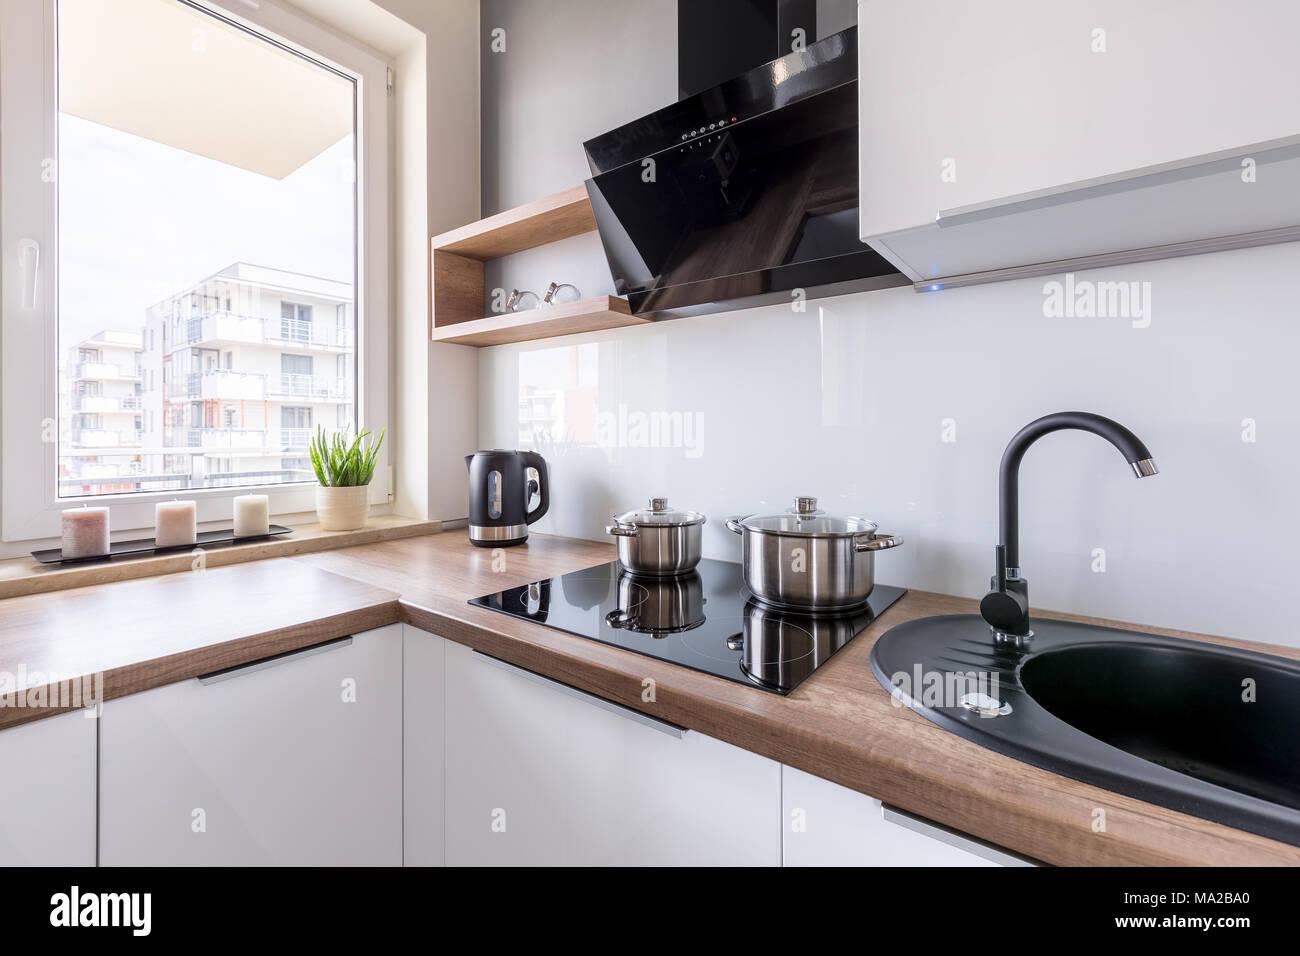 Moderne, weiße Küche mit Spüle, Arbeitsplatte und Fenster ...